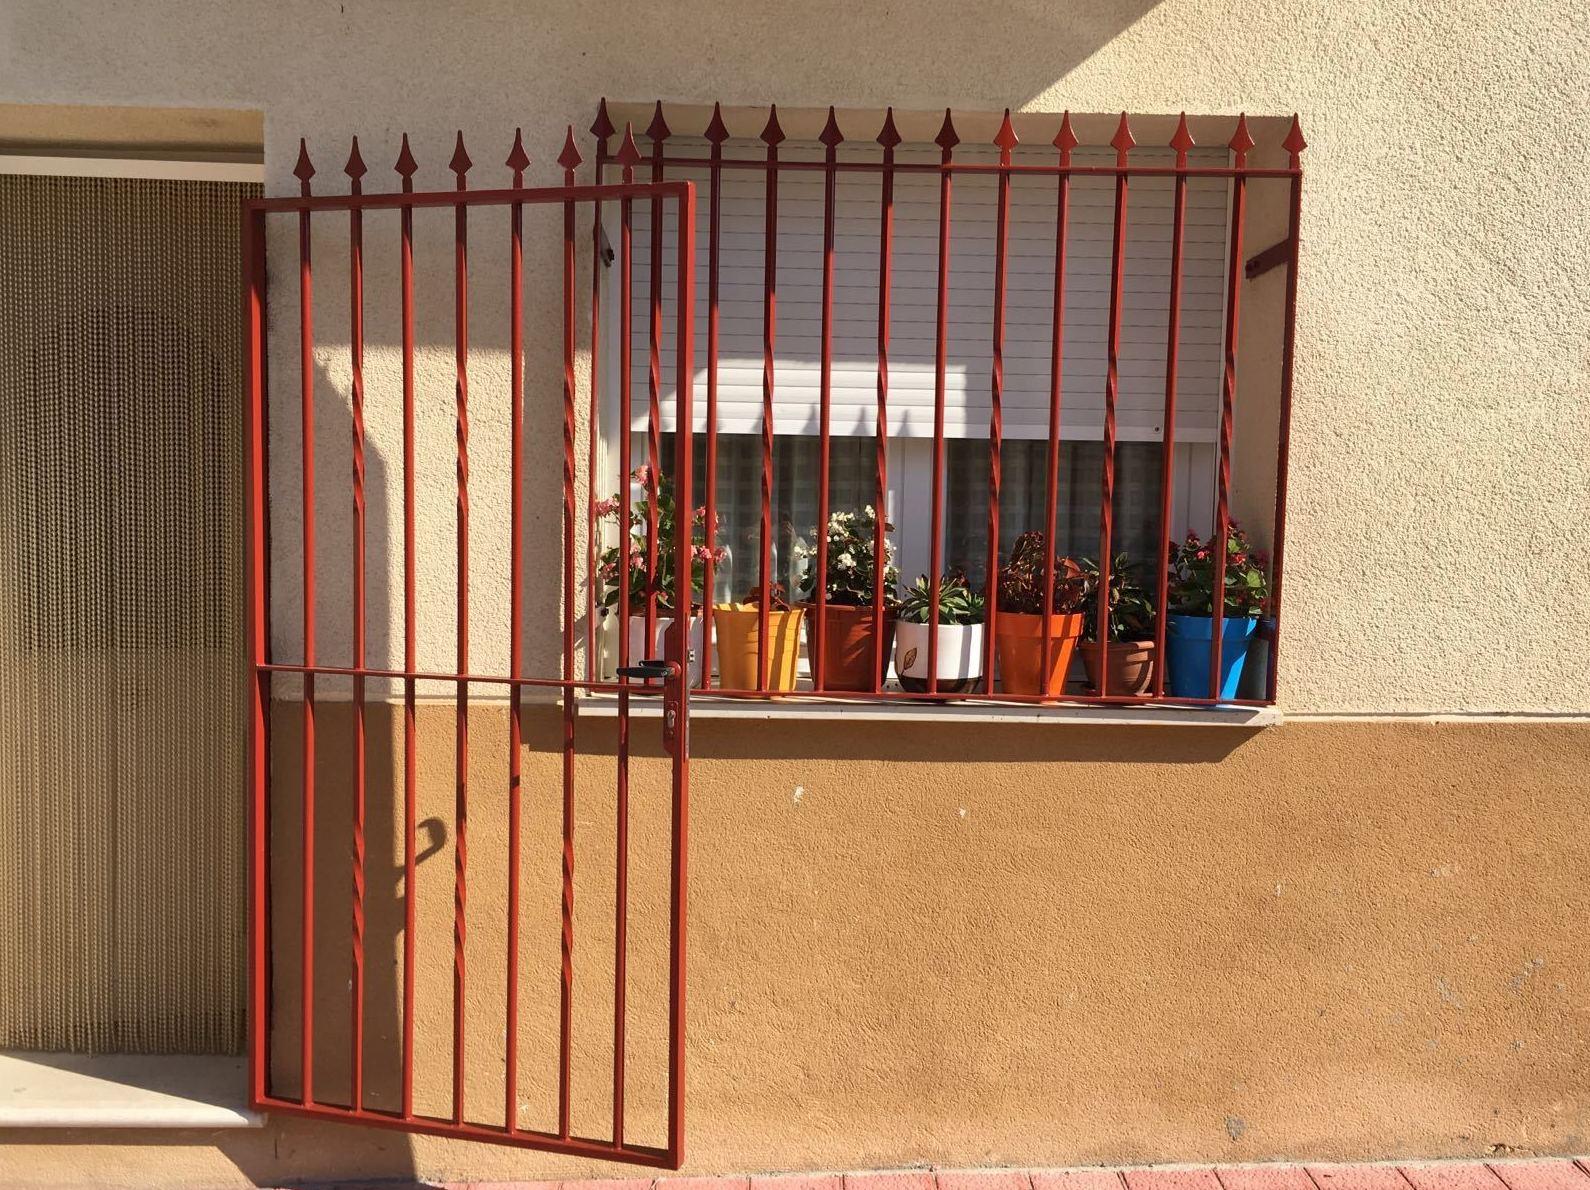 Pintura de rejas y fachadas